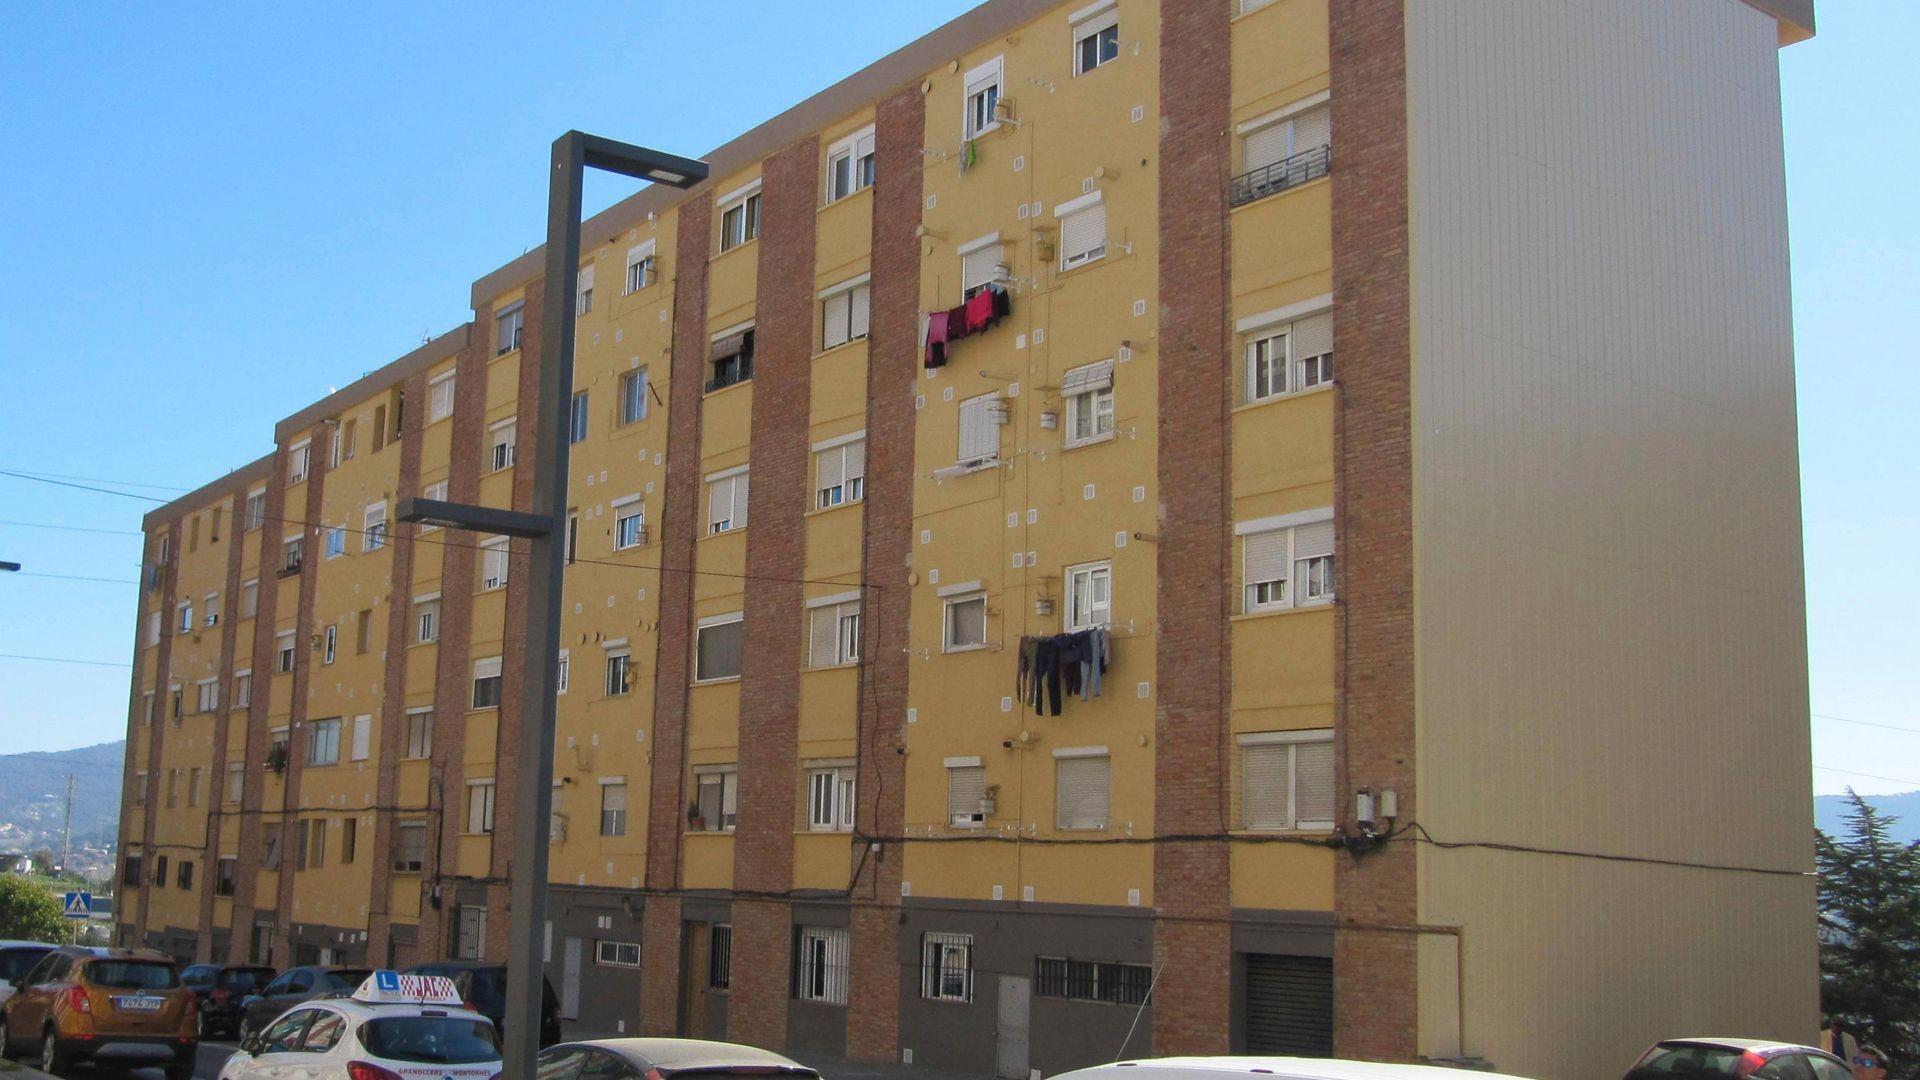 Especialistas en rehabilitación de fachadas en Mollet del Vallès